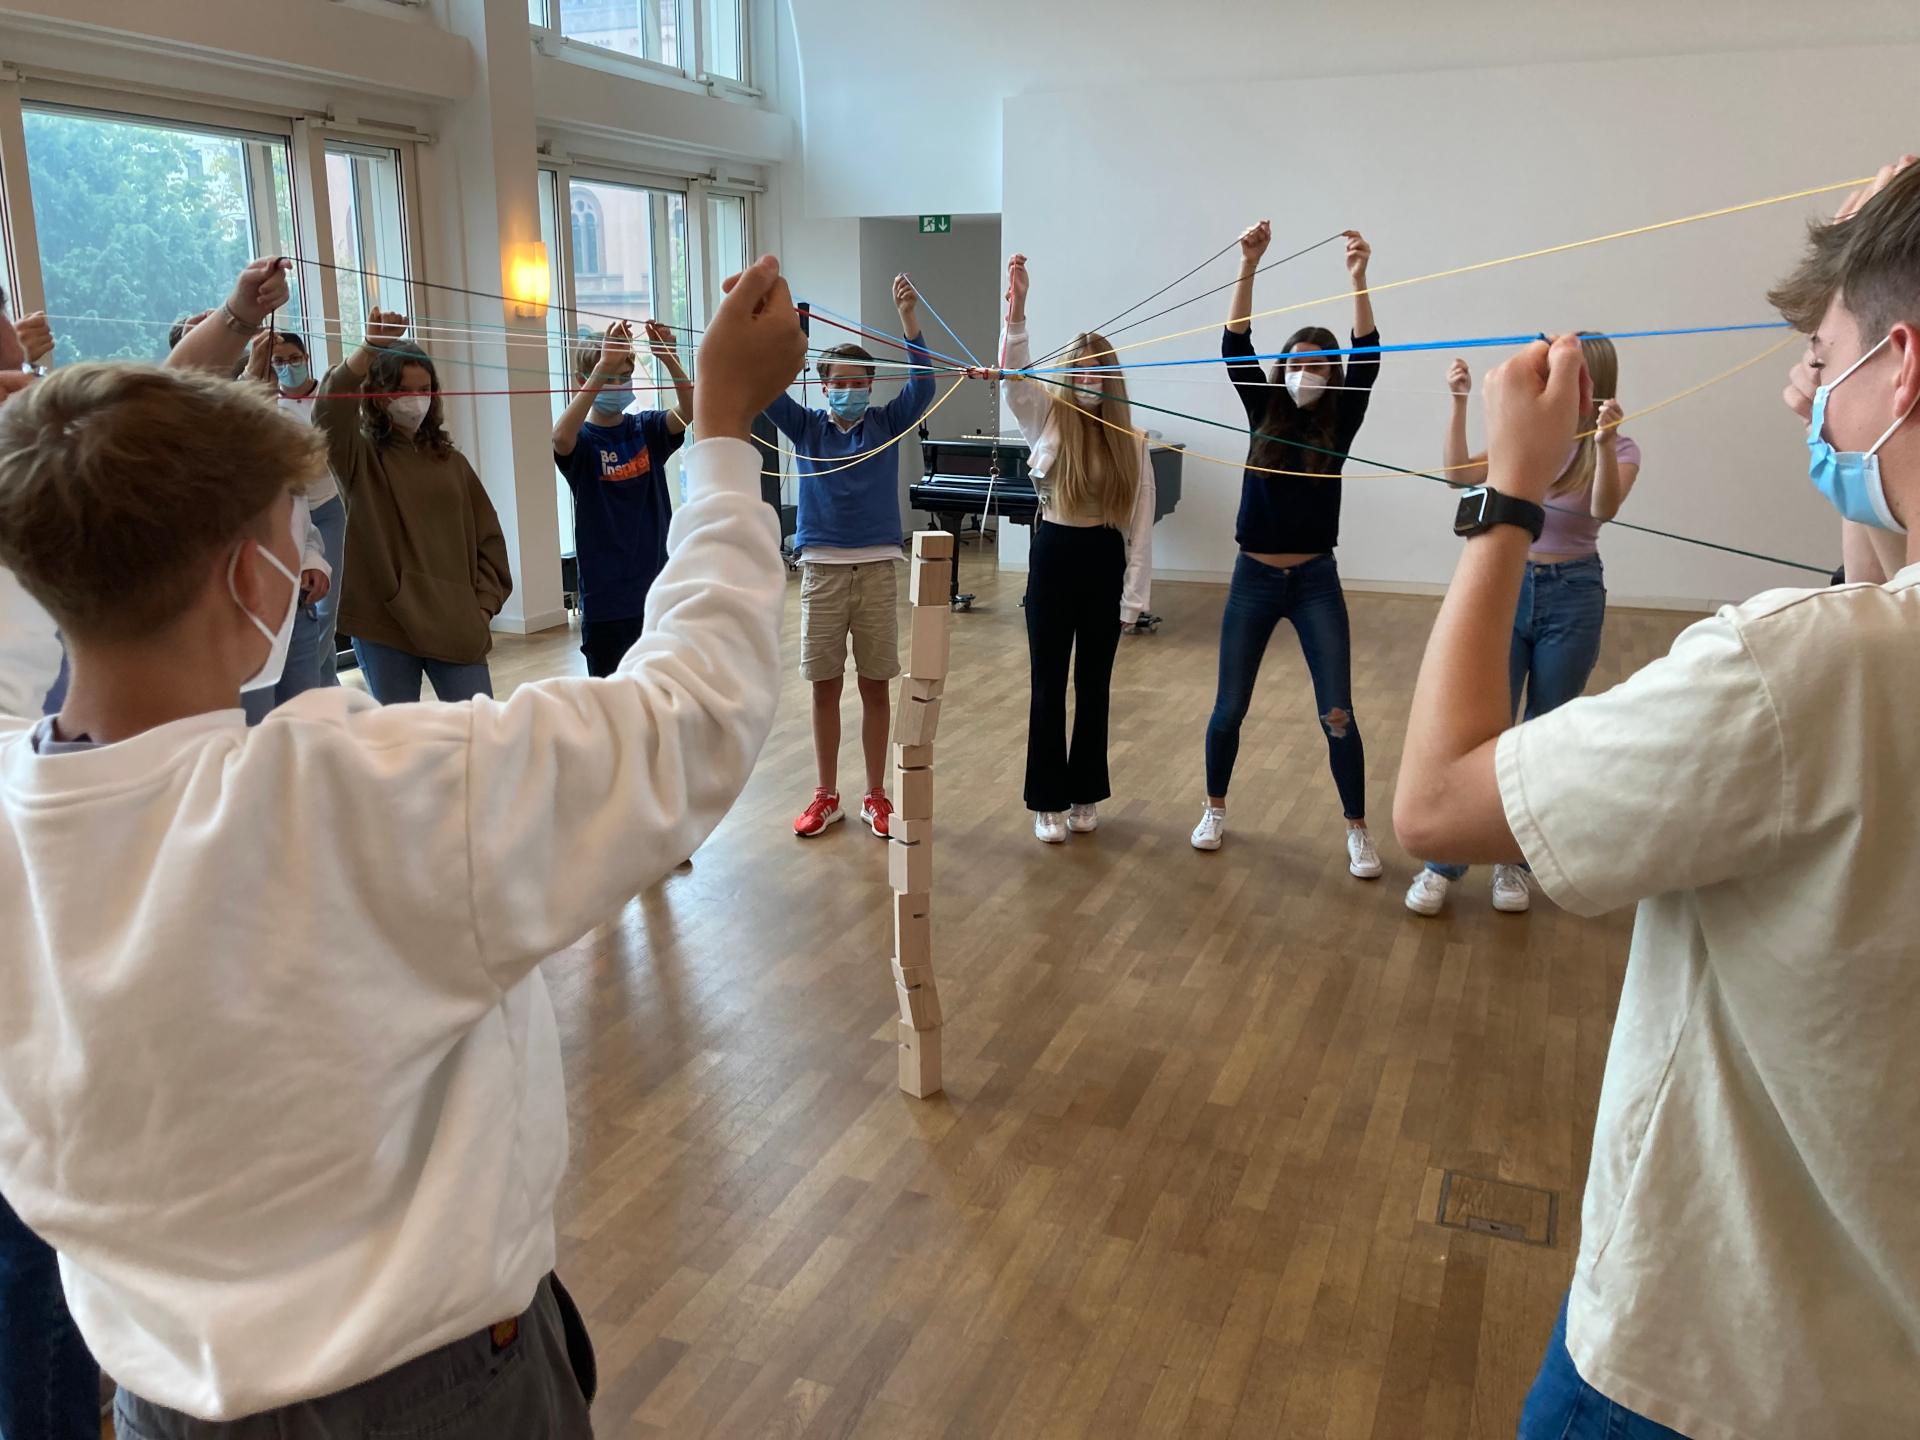 Konfis der Ev. Johanneskirchengemeinde und Ev. Marktkirchengemeinde 2021 spielen das Fröbelturm-Teamspiel